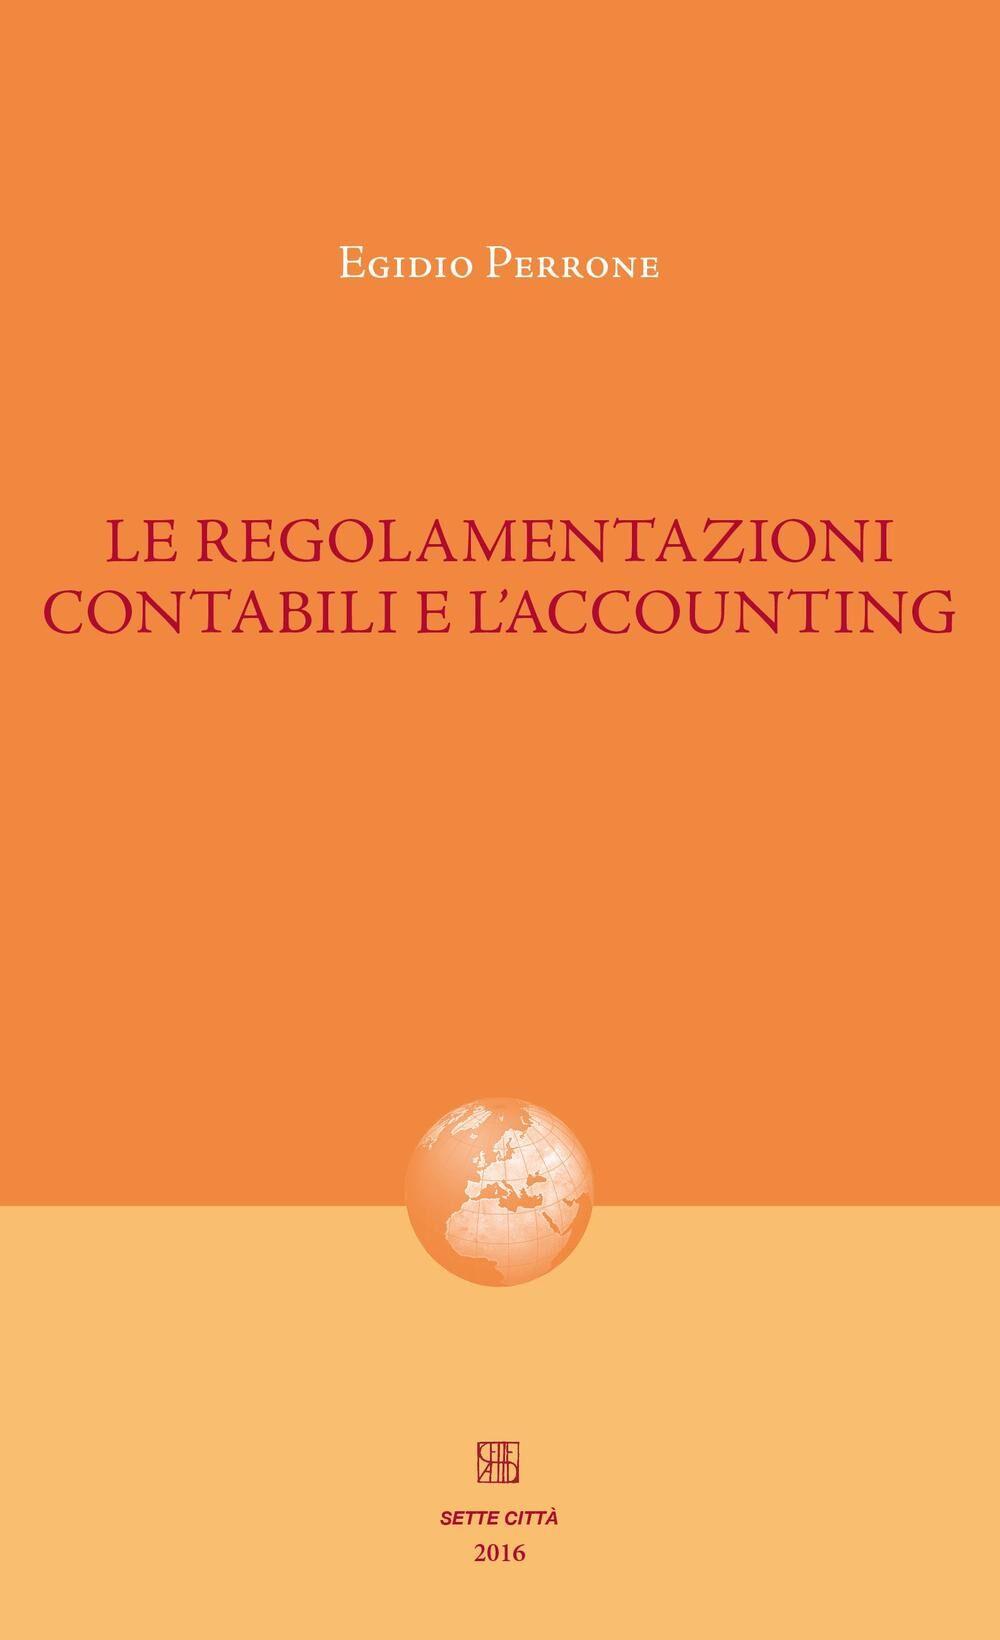 Le regolamentazioni contabili e l'accounting